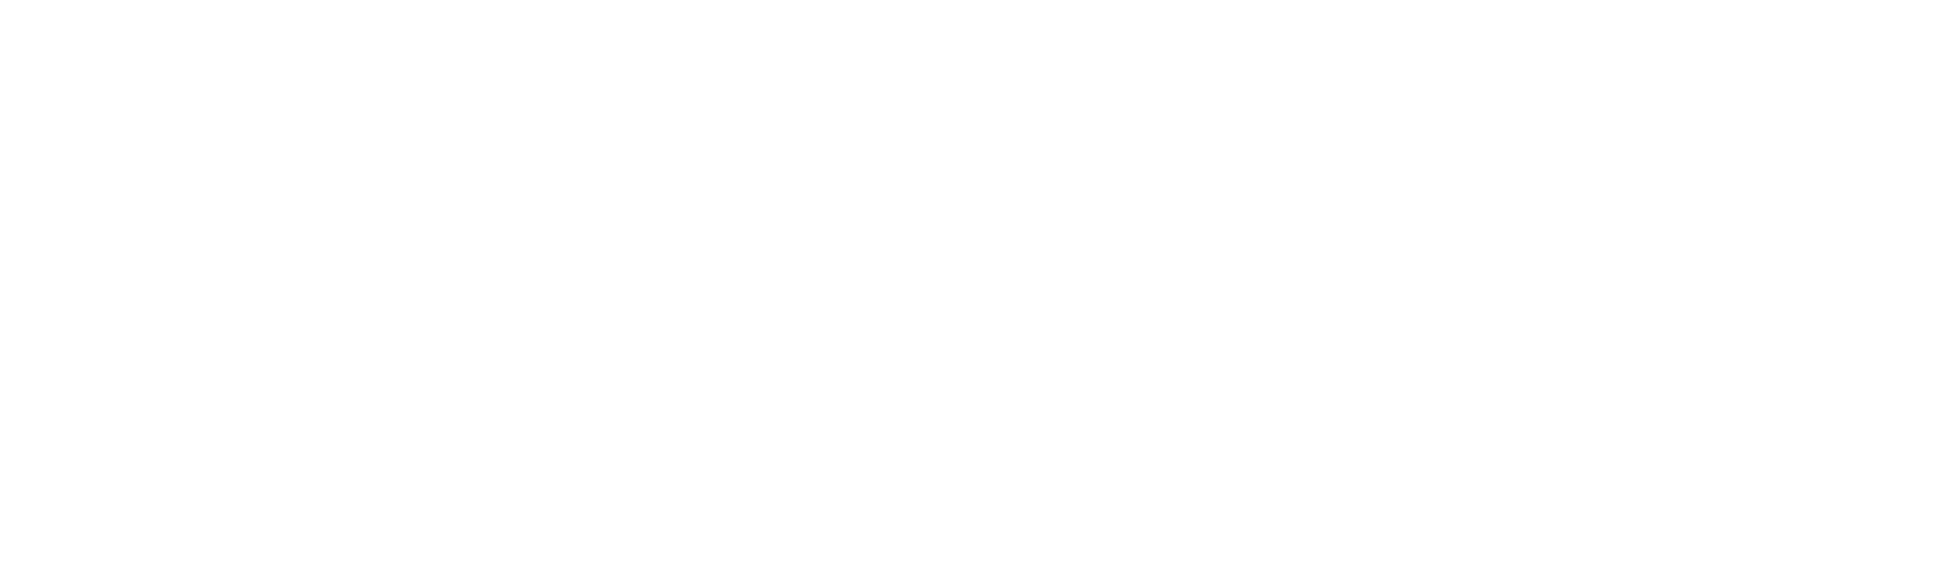 BSS Brand